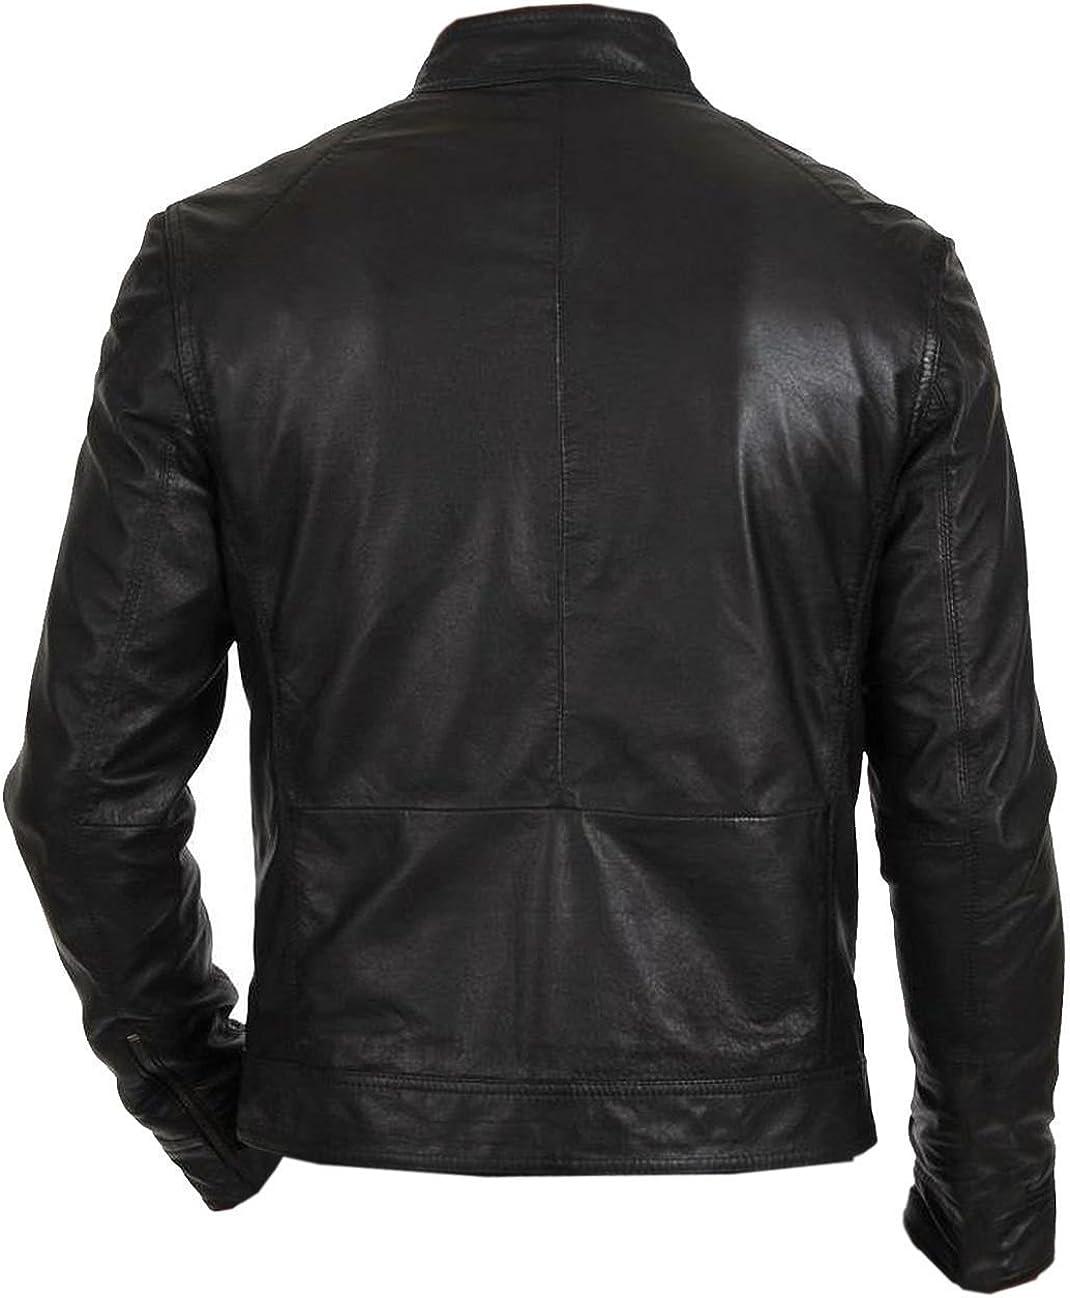 NFashions - Blouson - Doudoune - Homme Black Biker Hunt Jacket